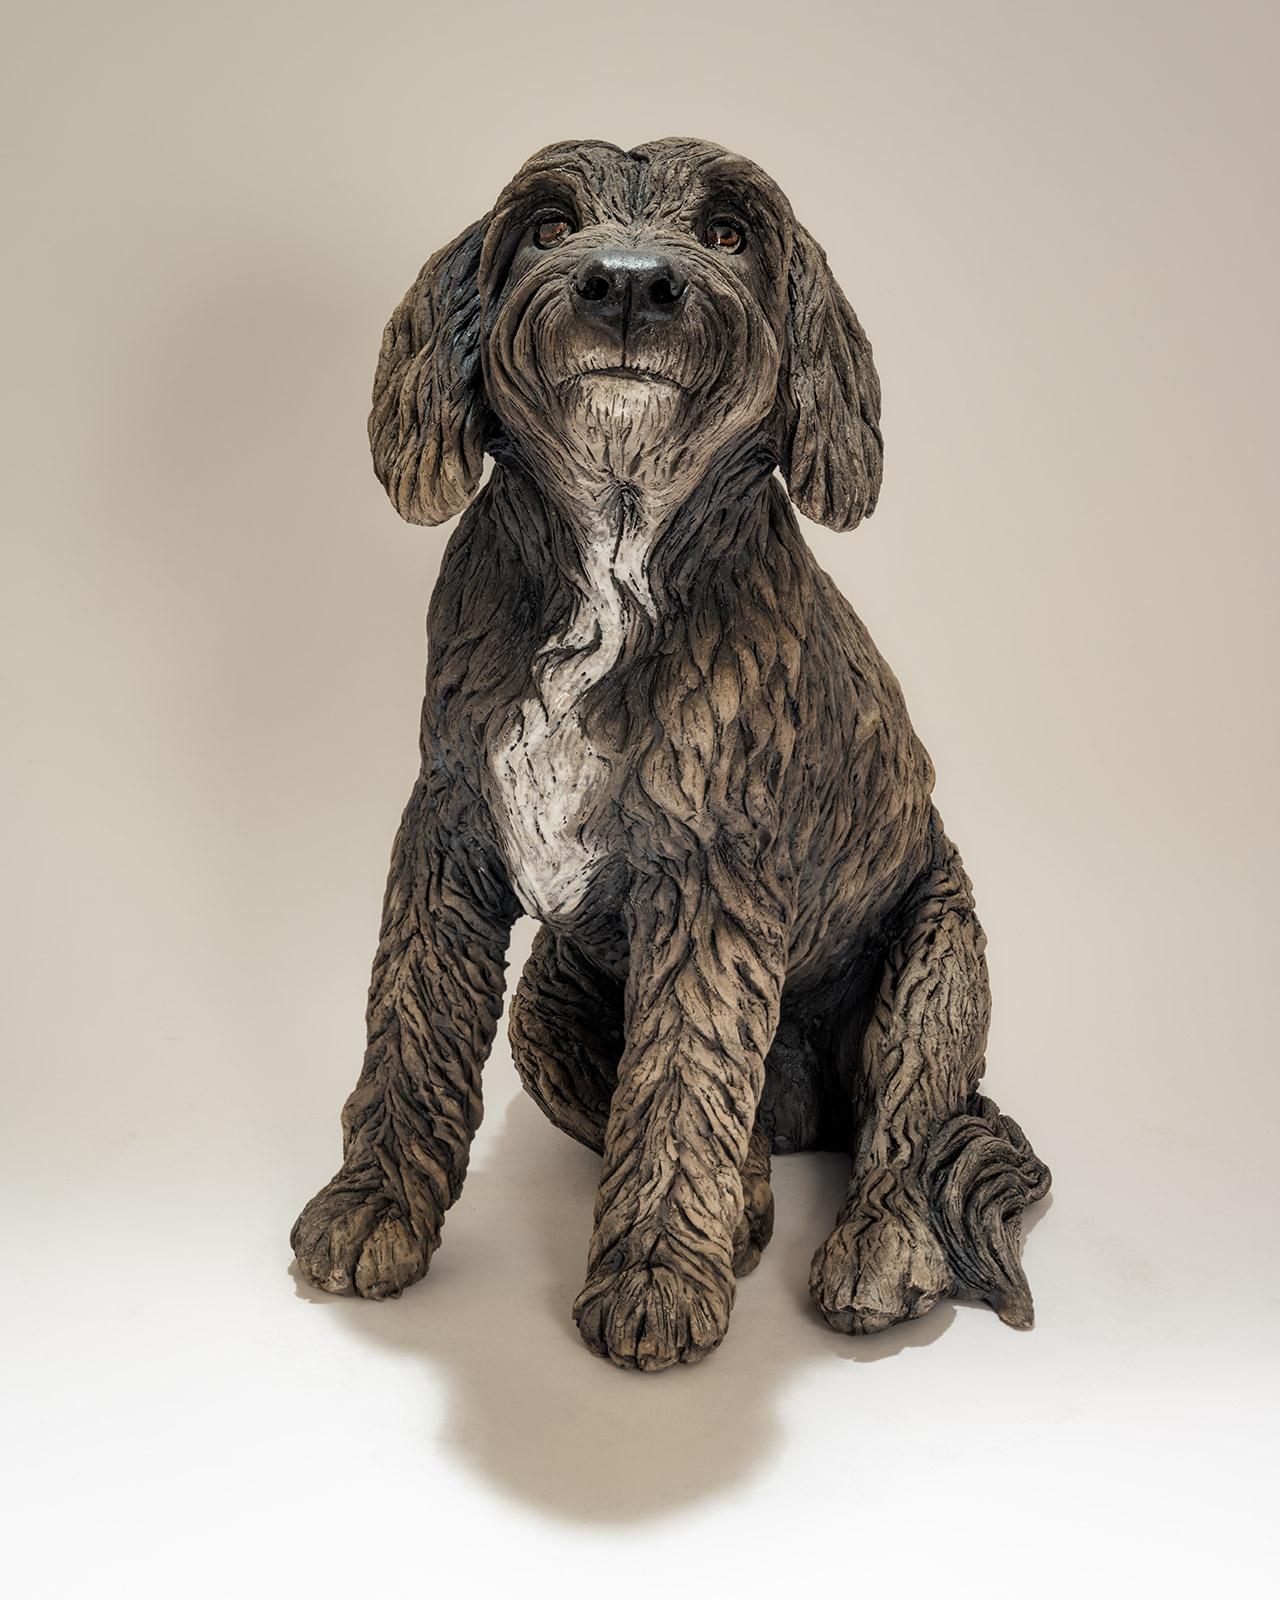 Poodle Dog Sculpture